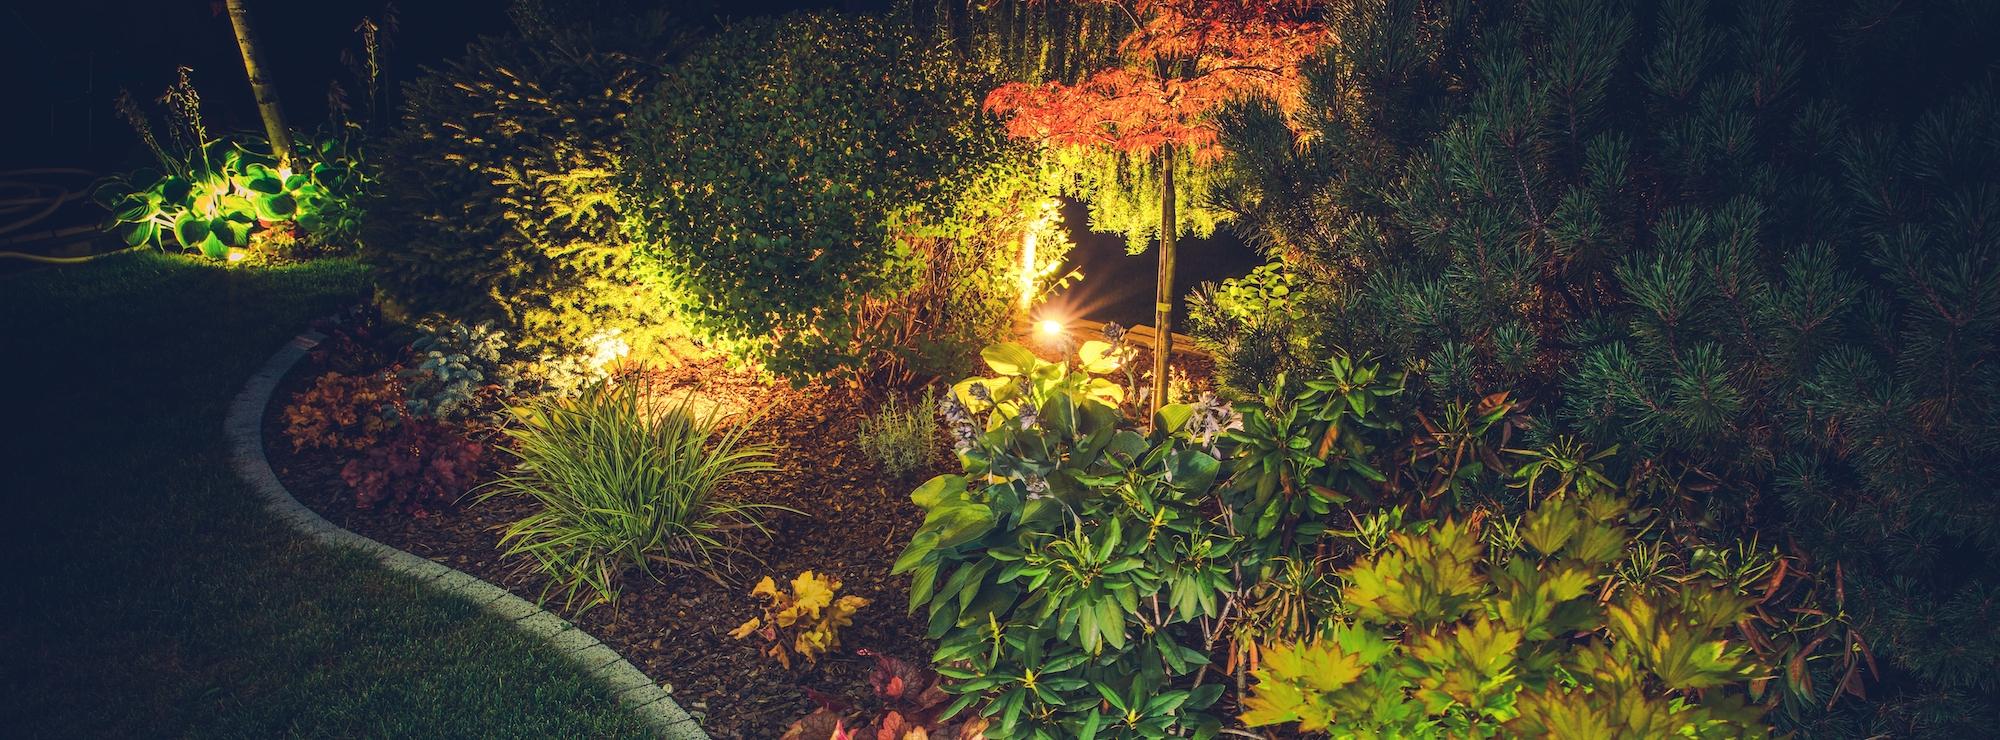 LED Lights In Gardens